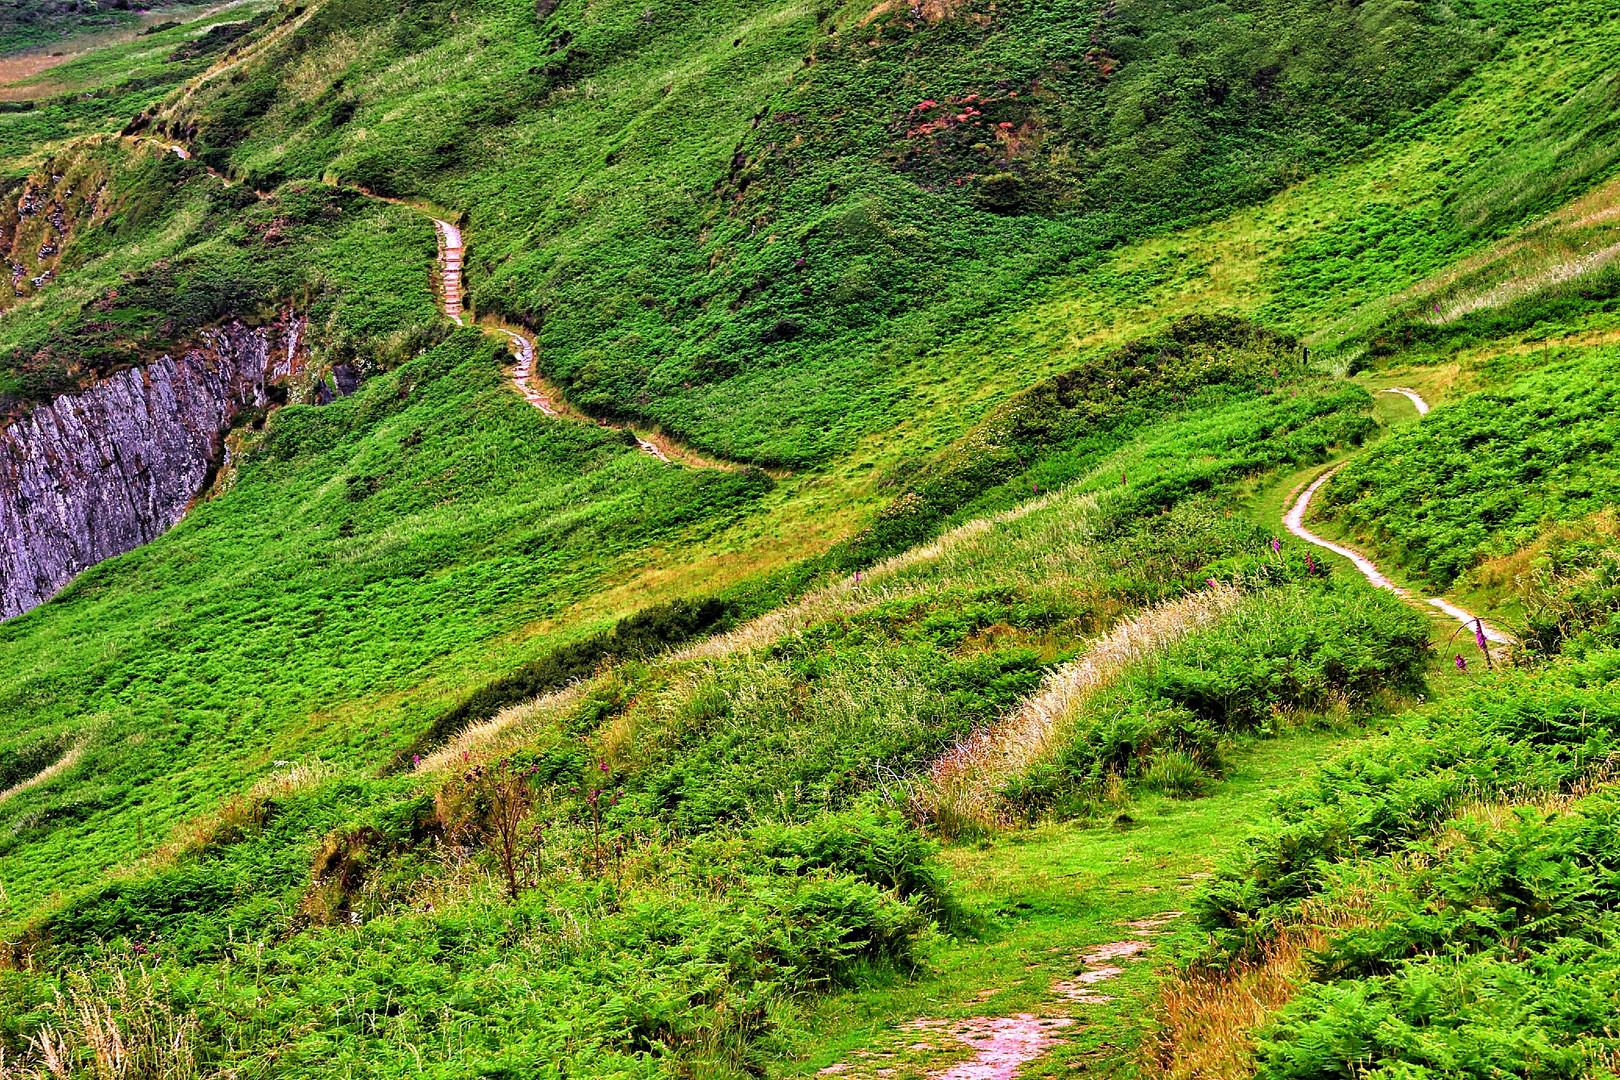 Wege durch die Landschaft